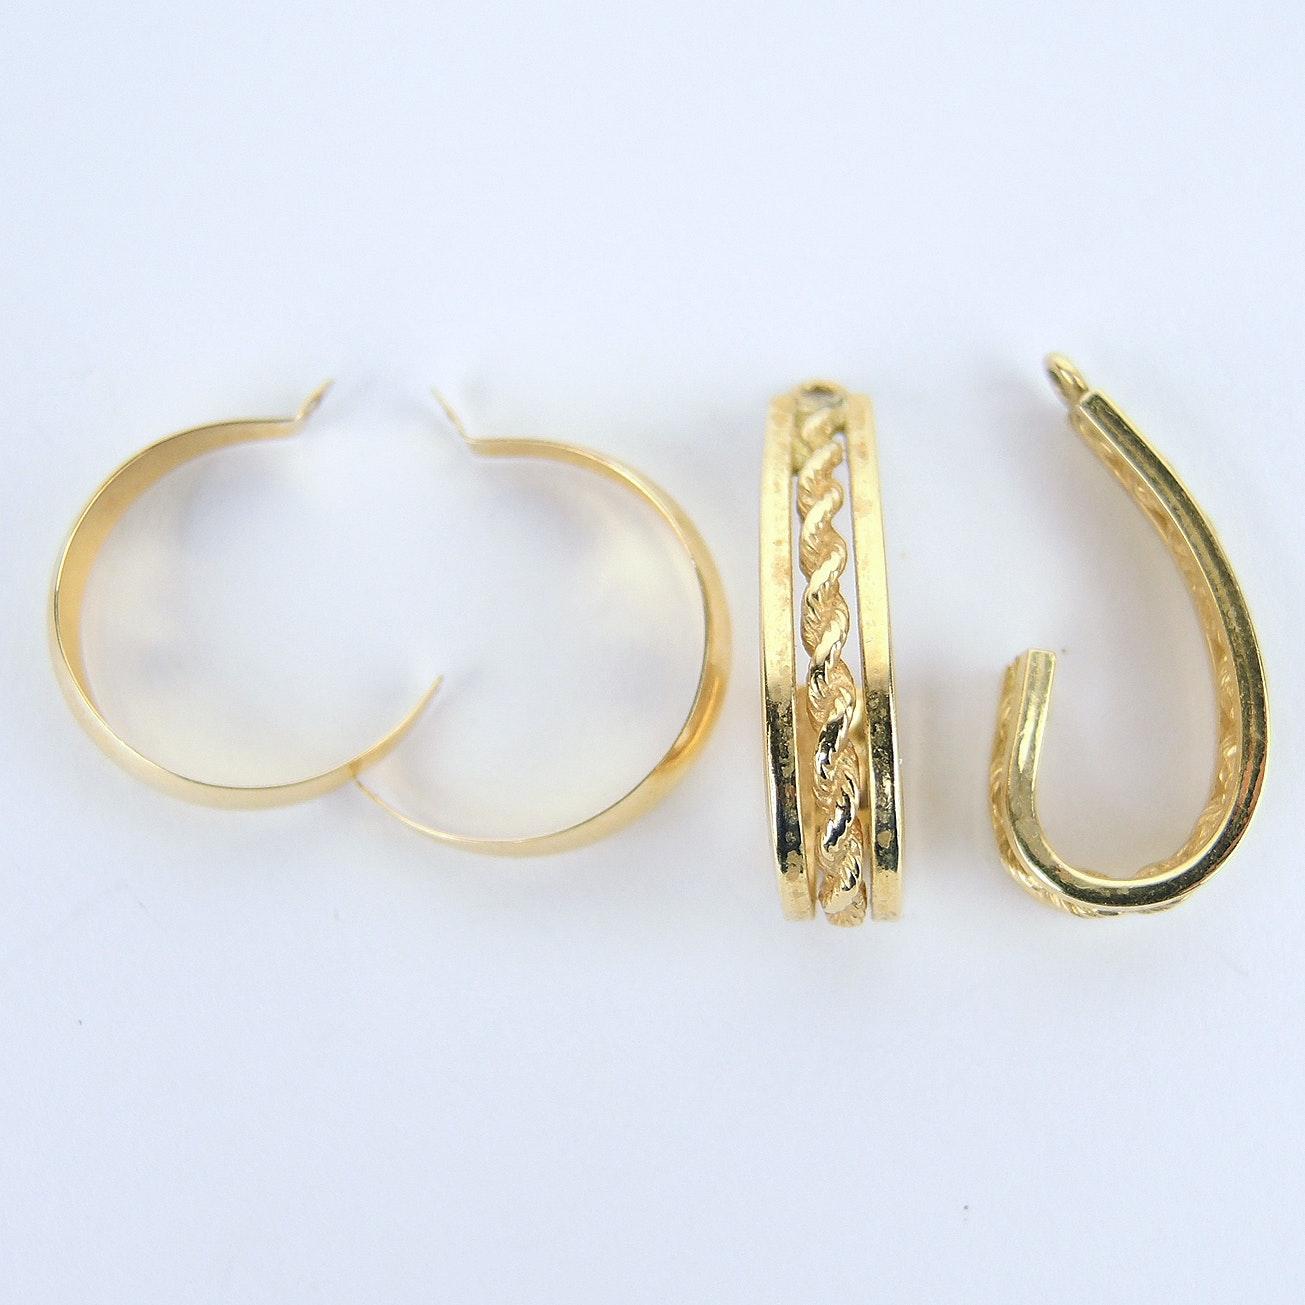 14K Yellow Gold J Hoop Earring Jackets